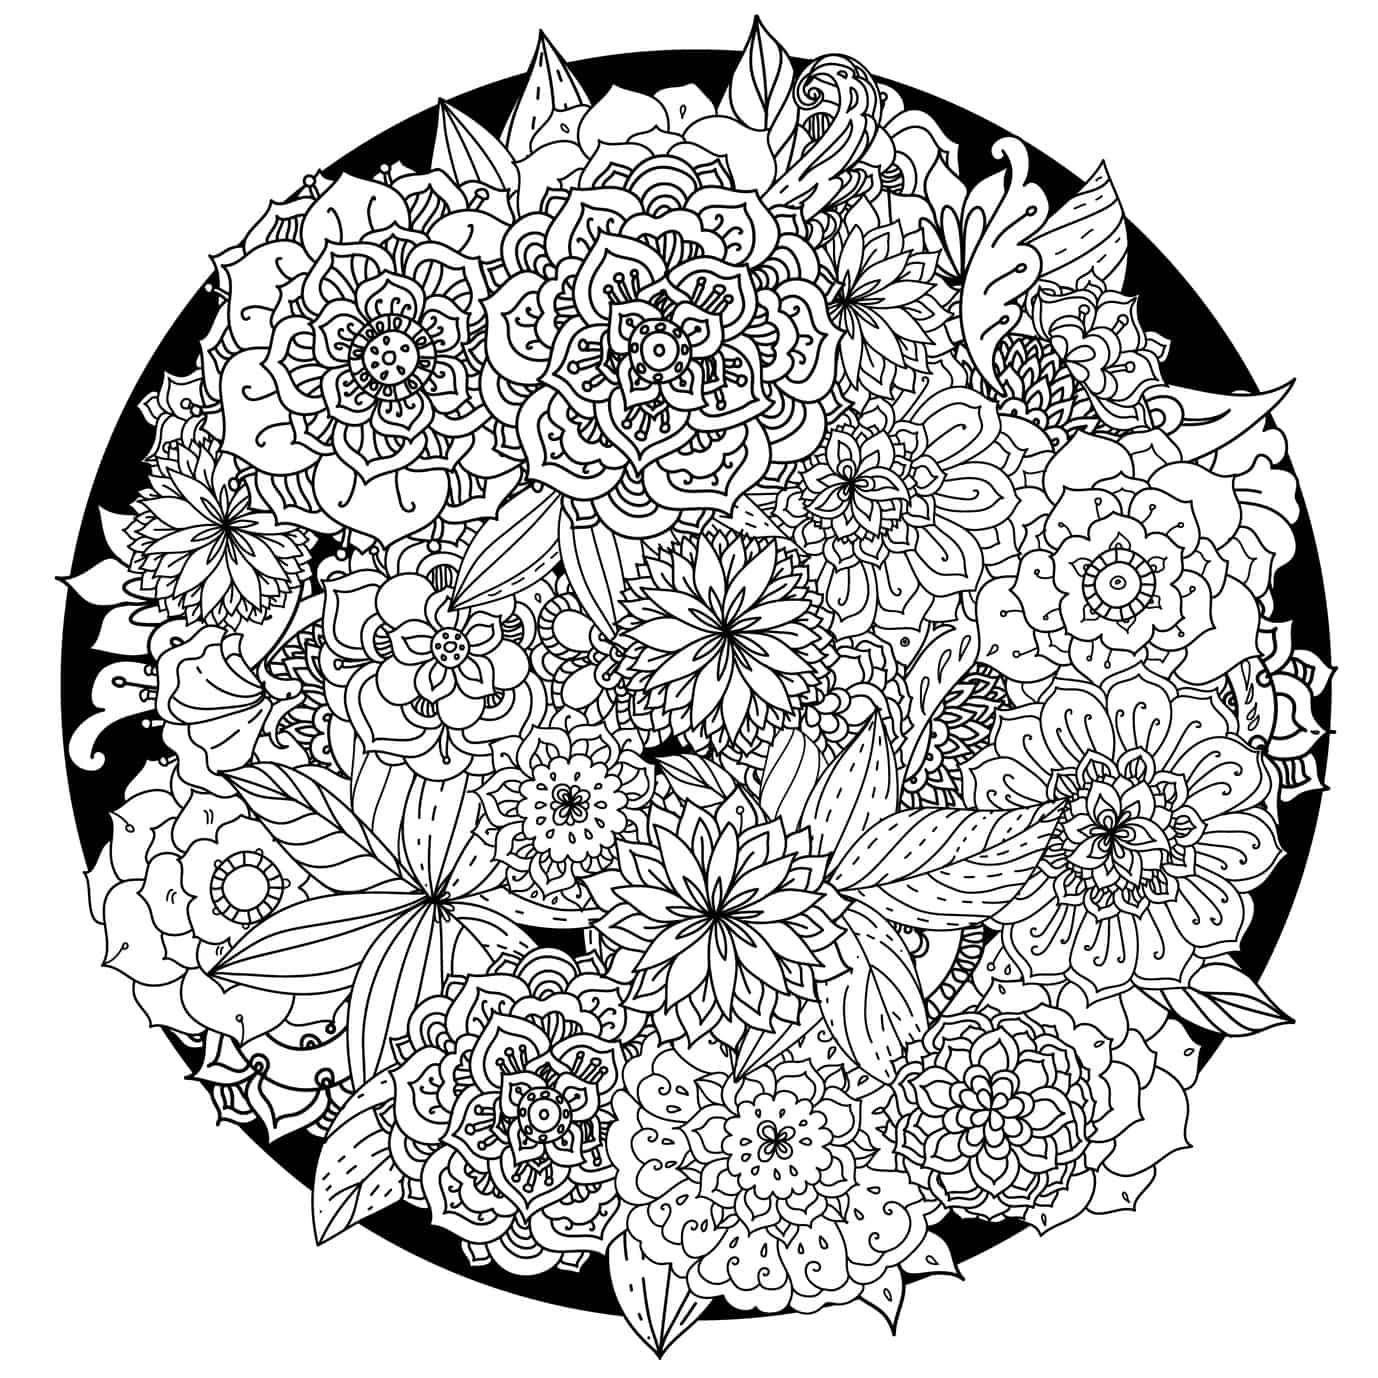 free coloring mandalas tons of printable mandala designs free for download print mandalas coloring free